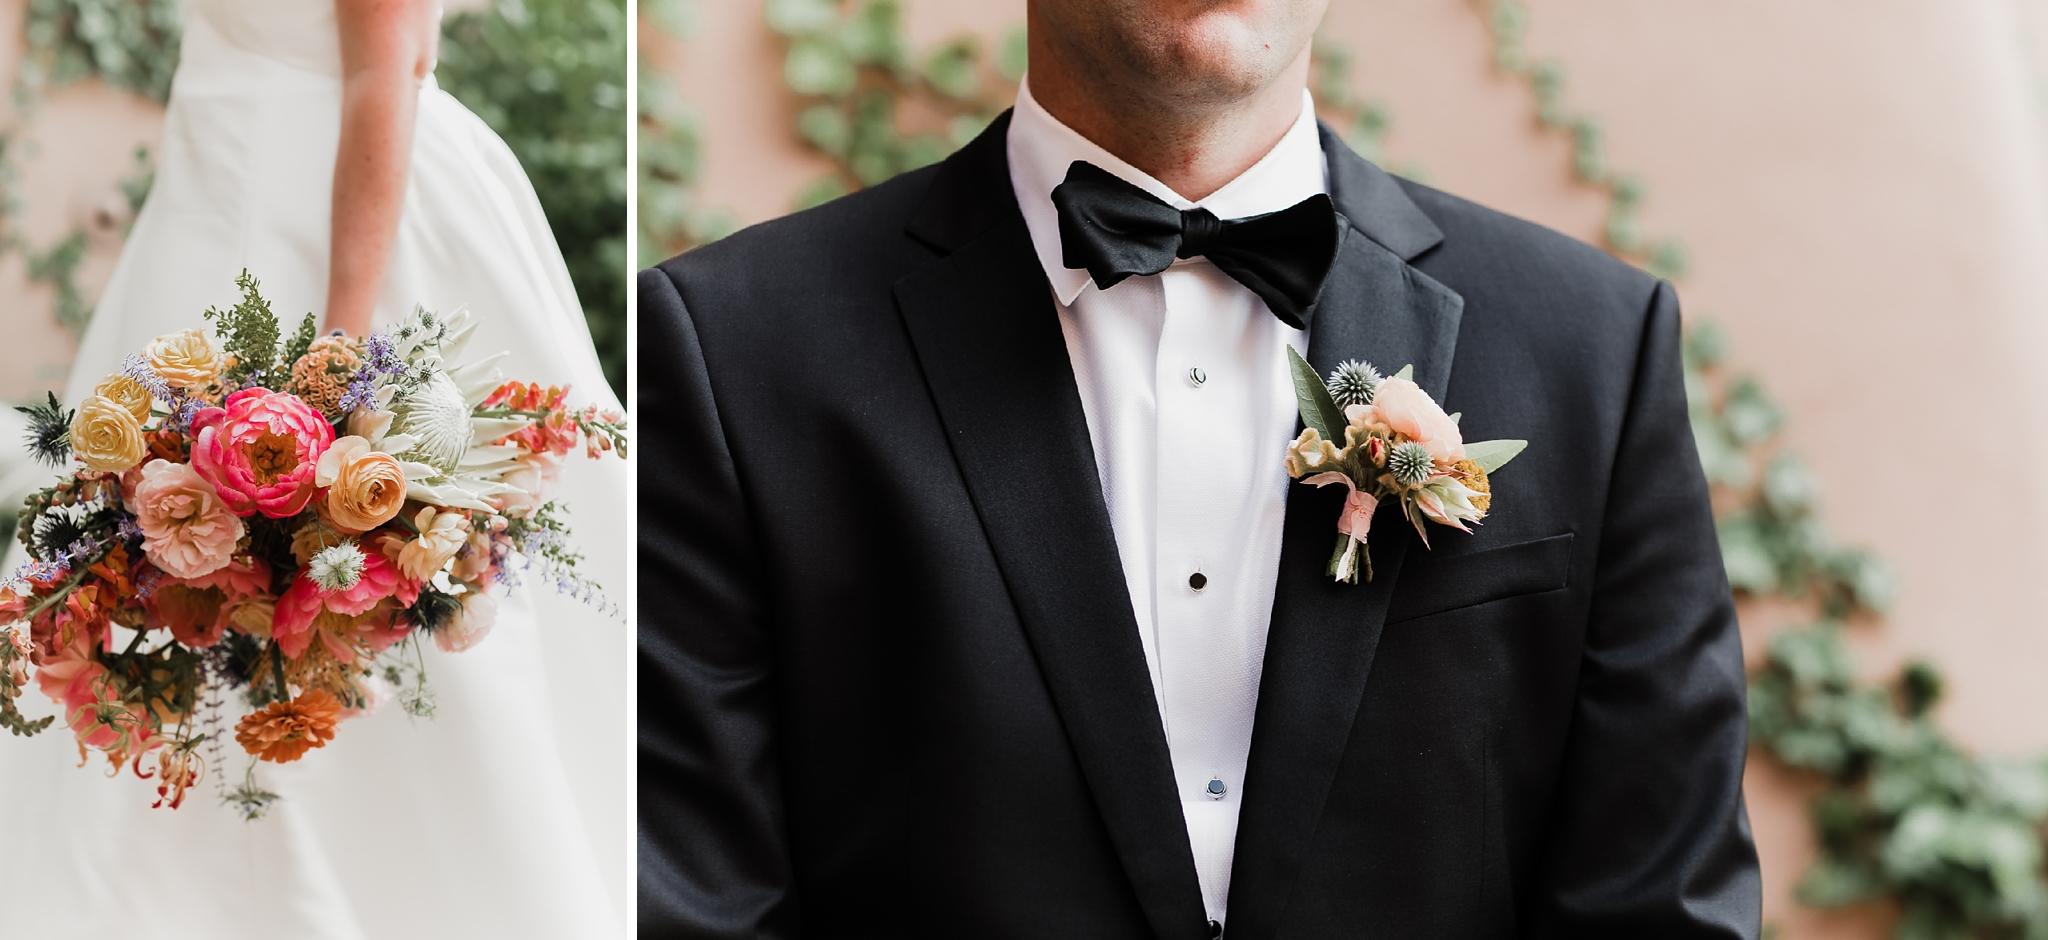 Alicia+lucia+photography+-+albuquerque+wedding+photographer+-+santa+fe+wedding+photography+-+new+mexico+wedding+photographer+-+new+mexico+wedding+-+las+campanas+wedding+-+santa+fe+wedding+-+maximalist+wedding+-+destination+wedding_0085.jpg